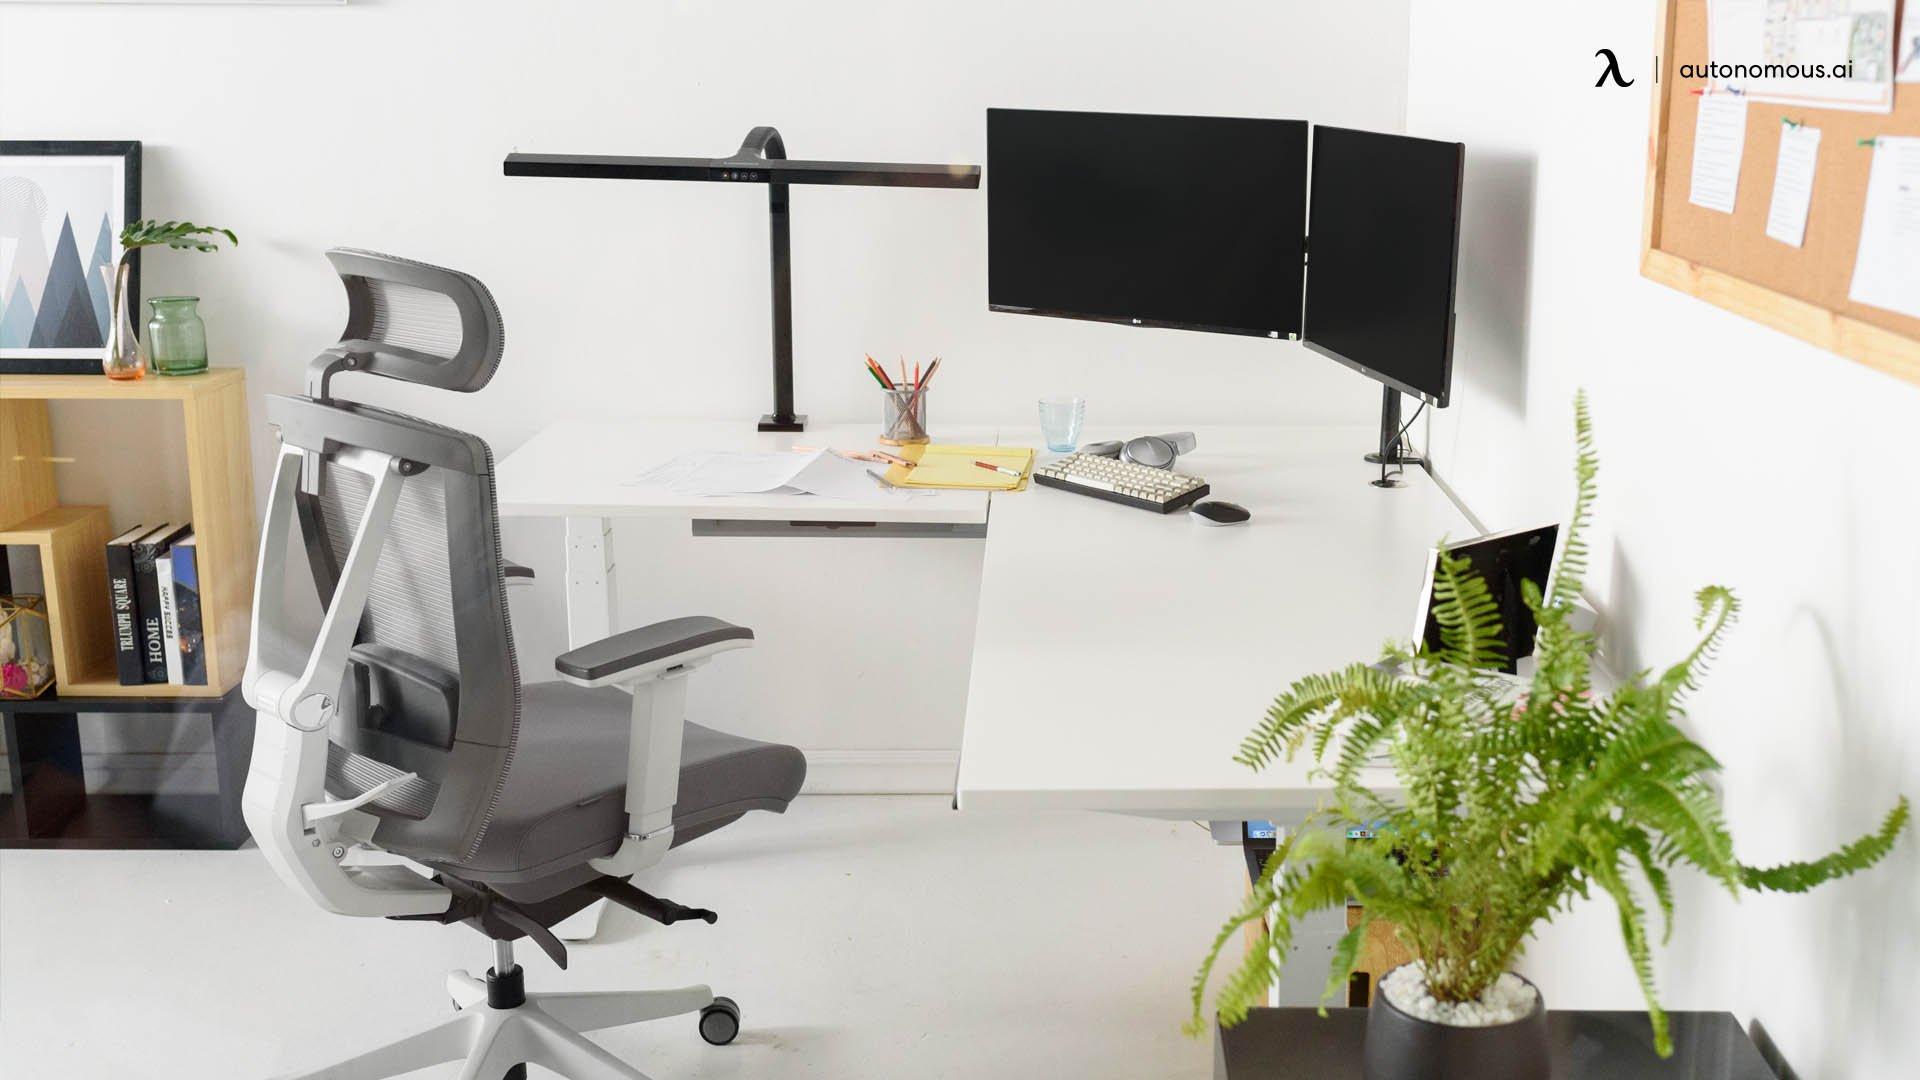 Pourquoi devriez-vous acheter un bureau debout?